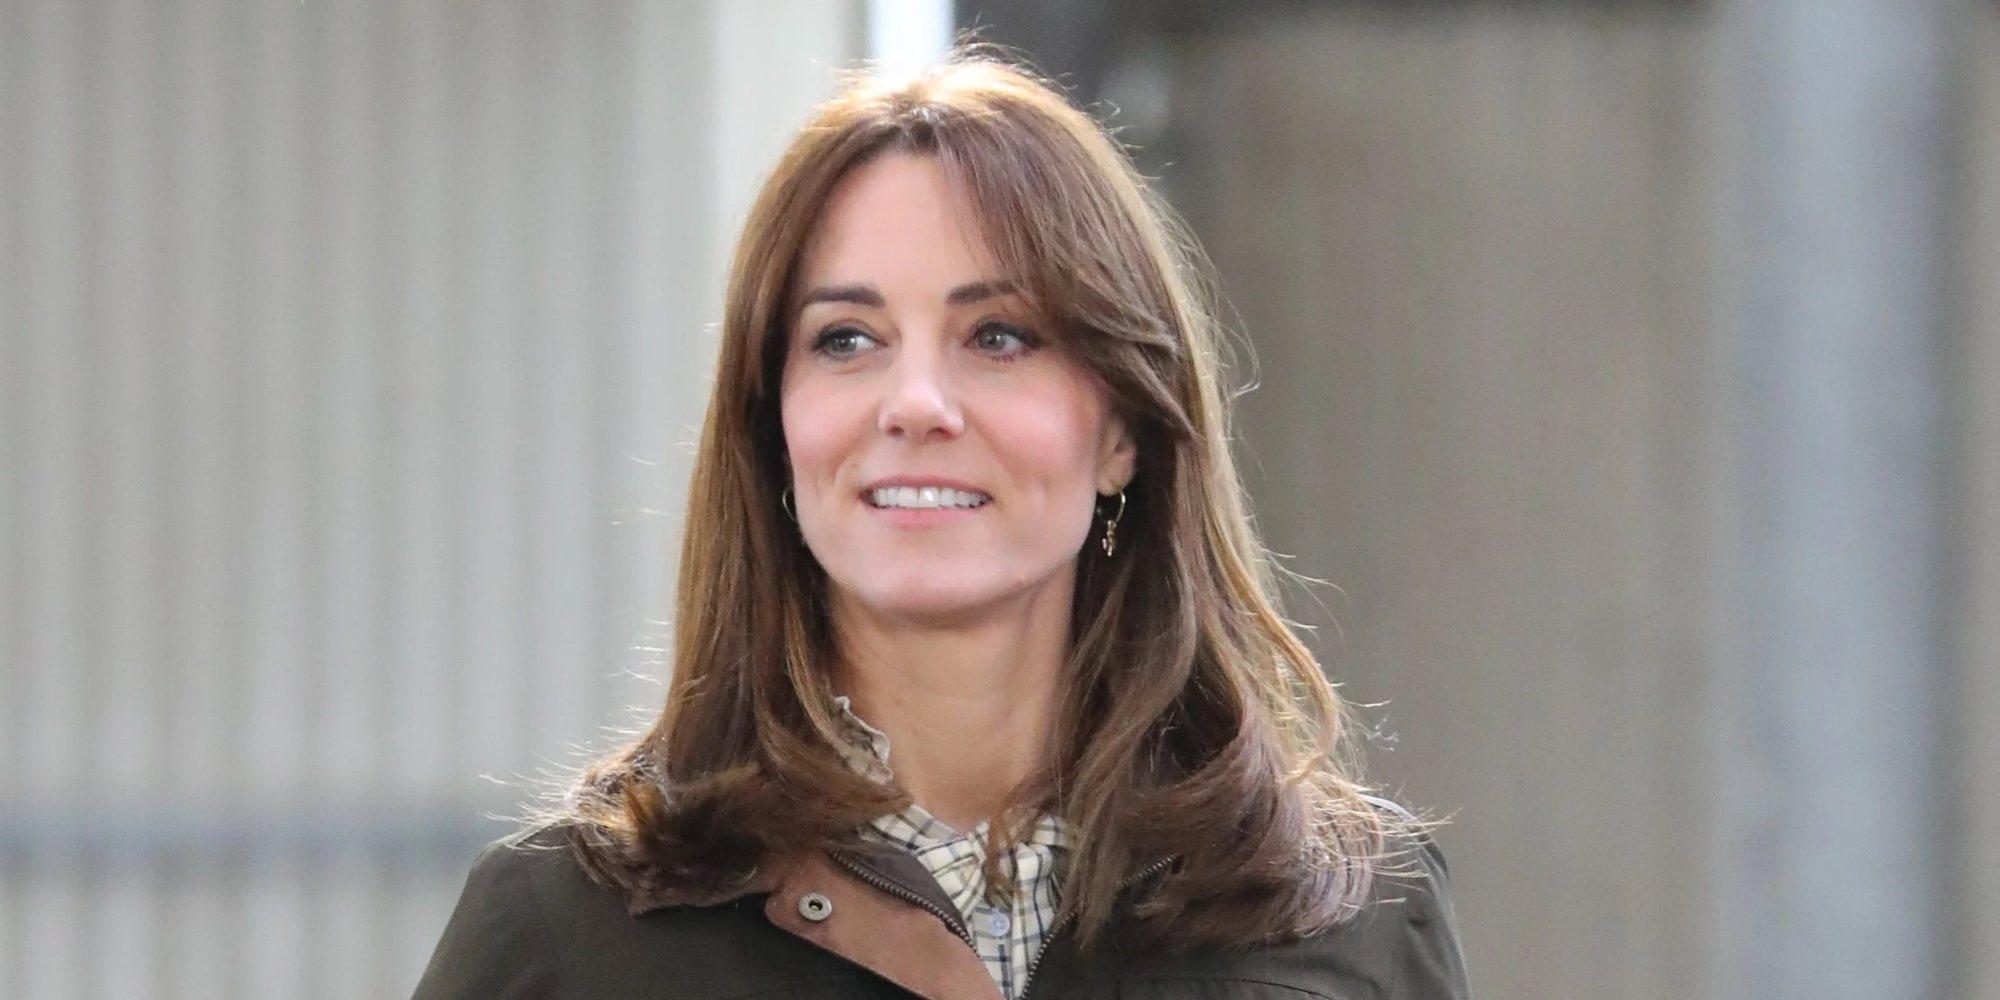 La preocupación de Kate Middleton en los primeros años de vida de sus hijos